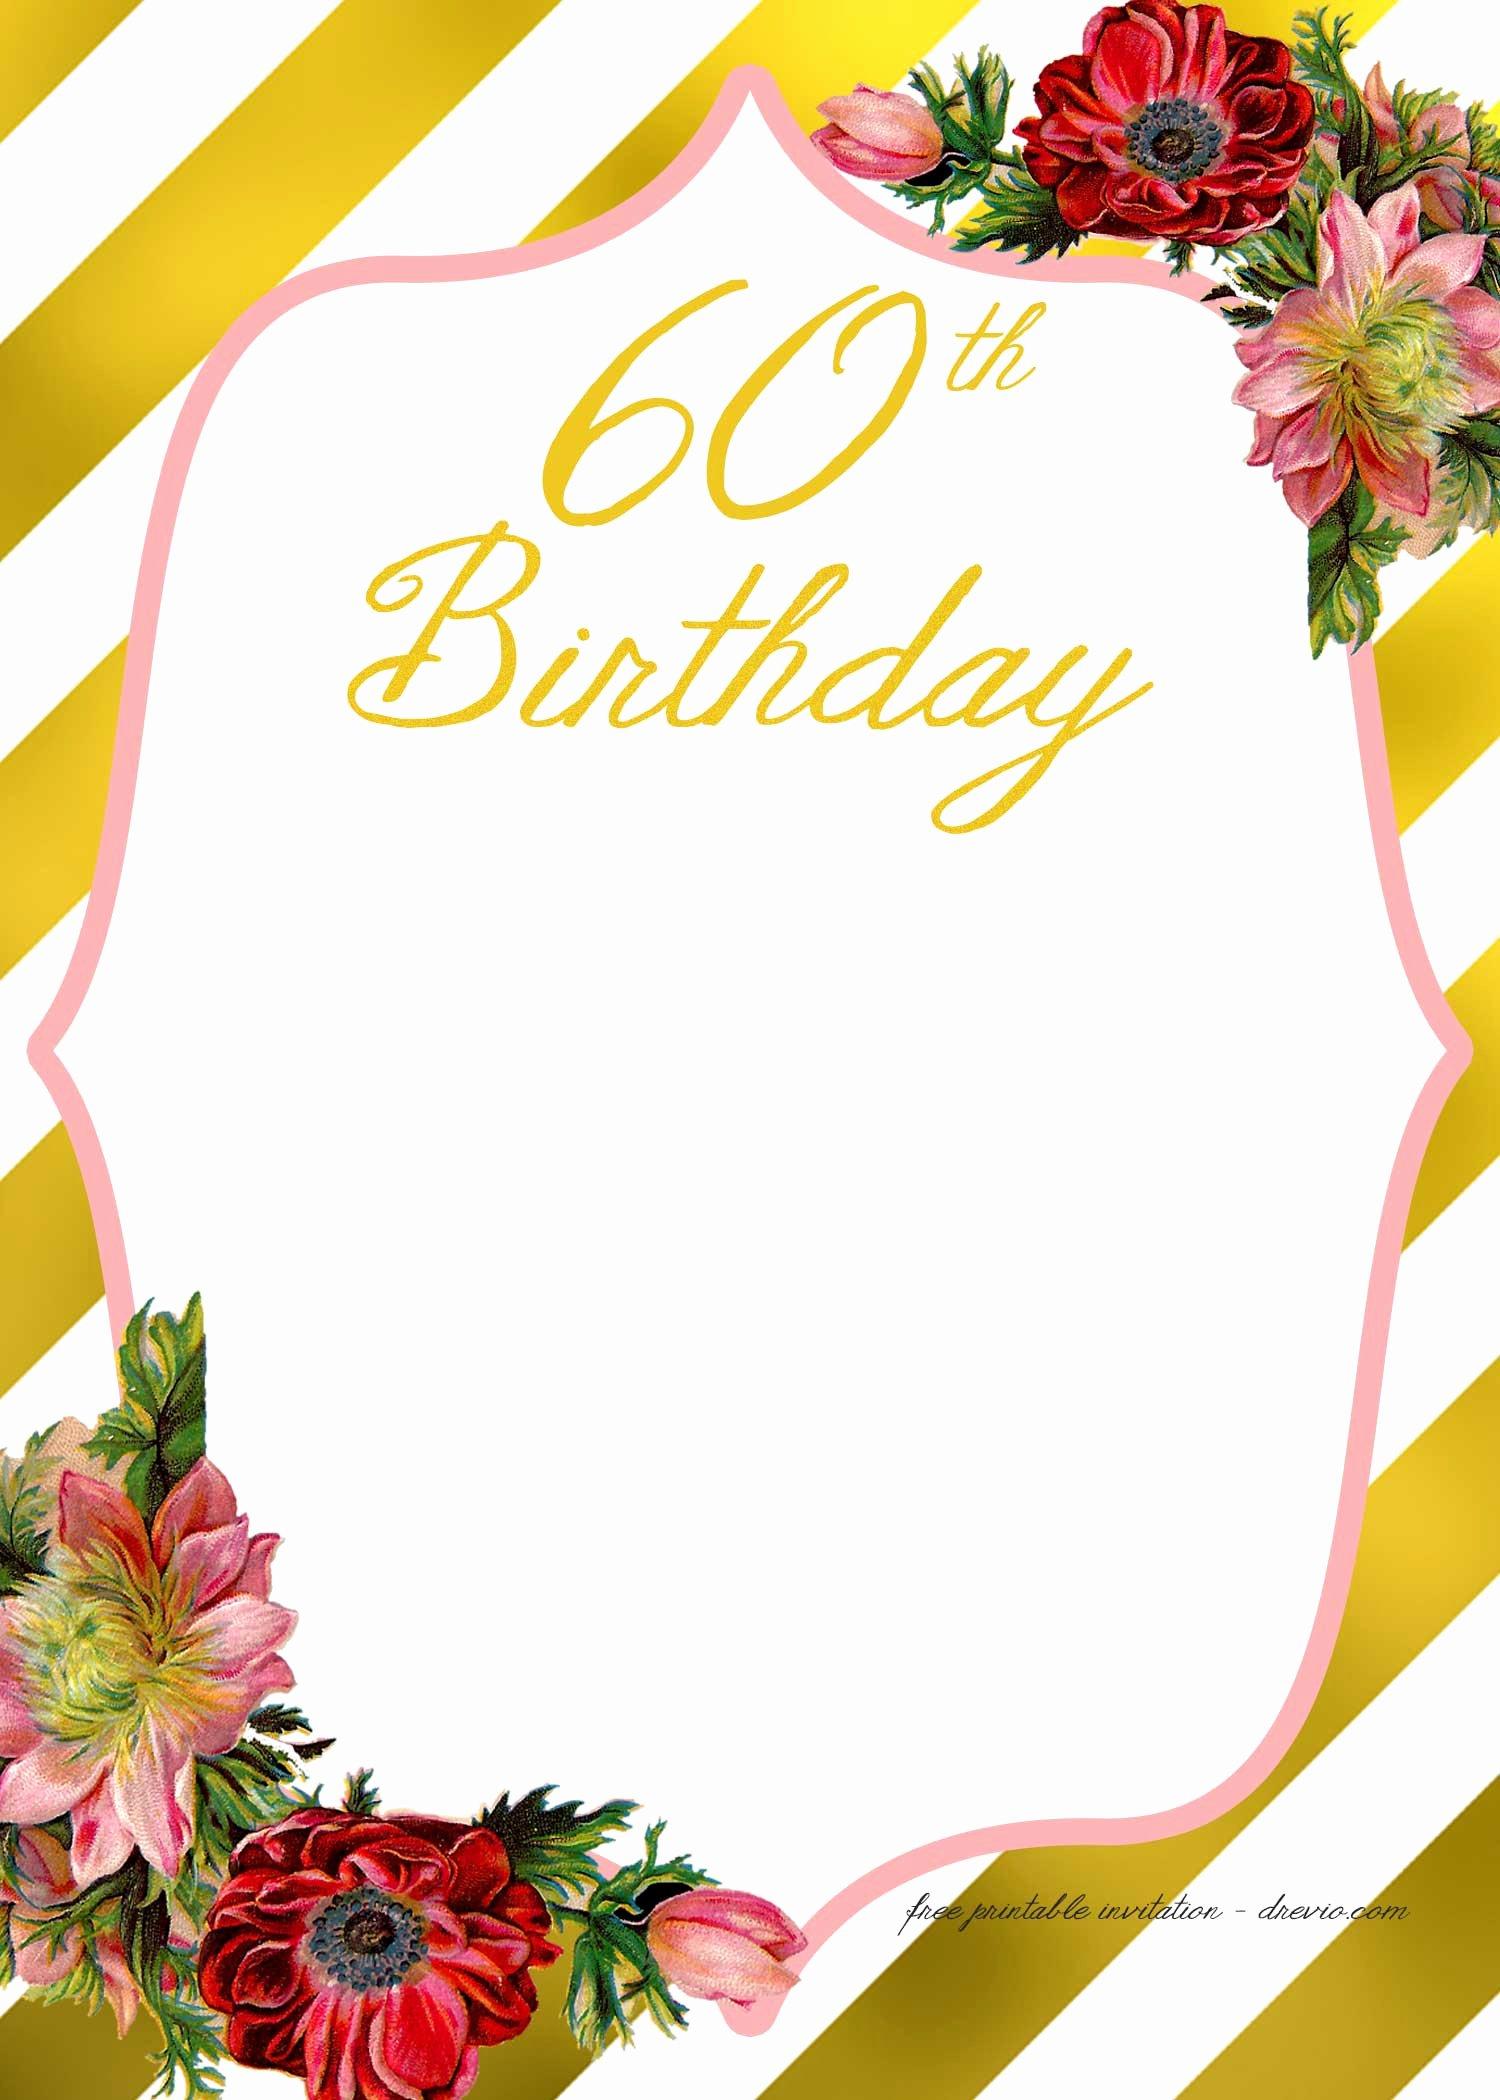 Free Printable Adult Birthday Invitation Template – Free